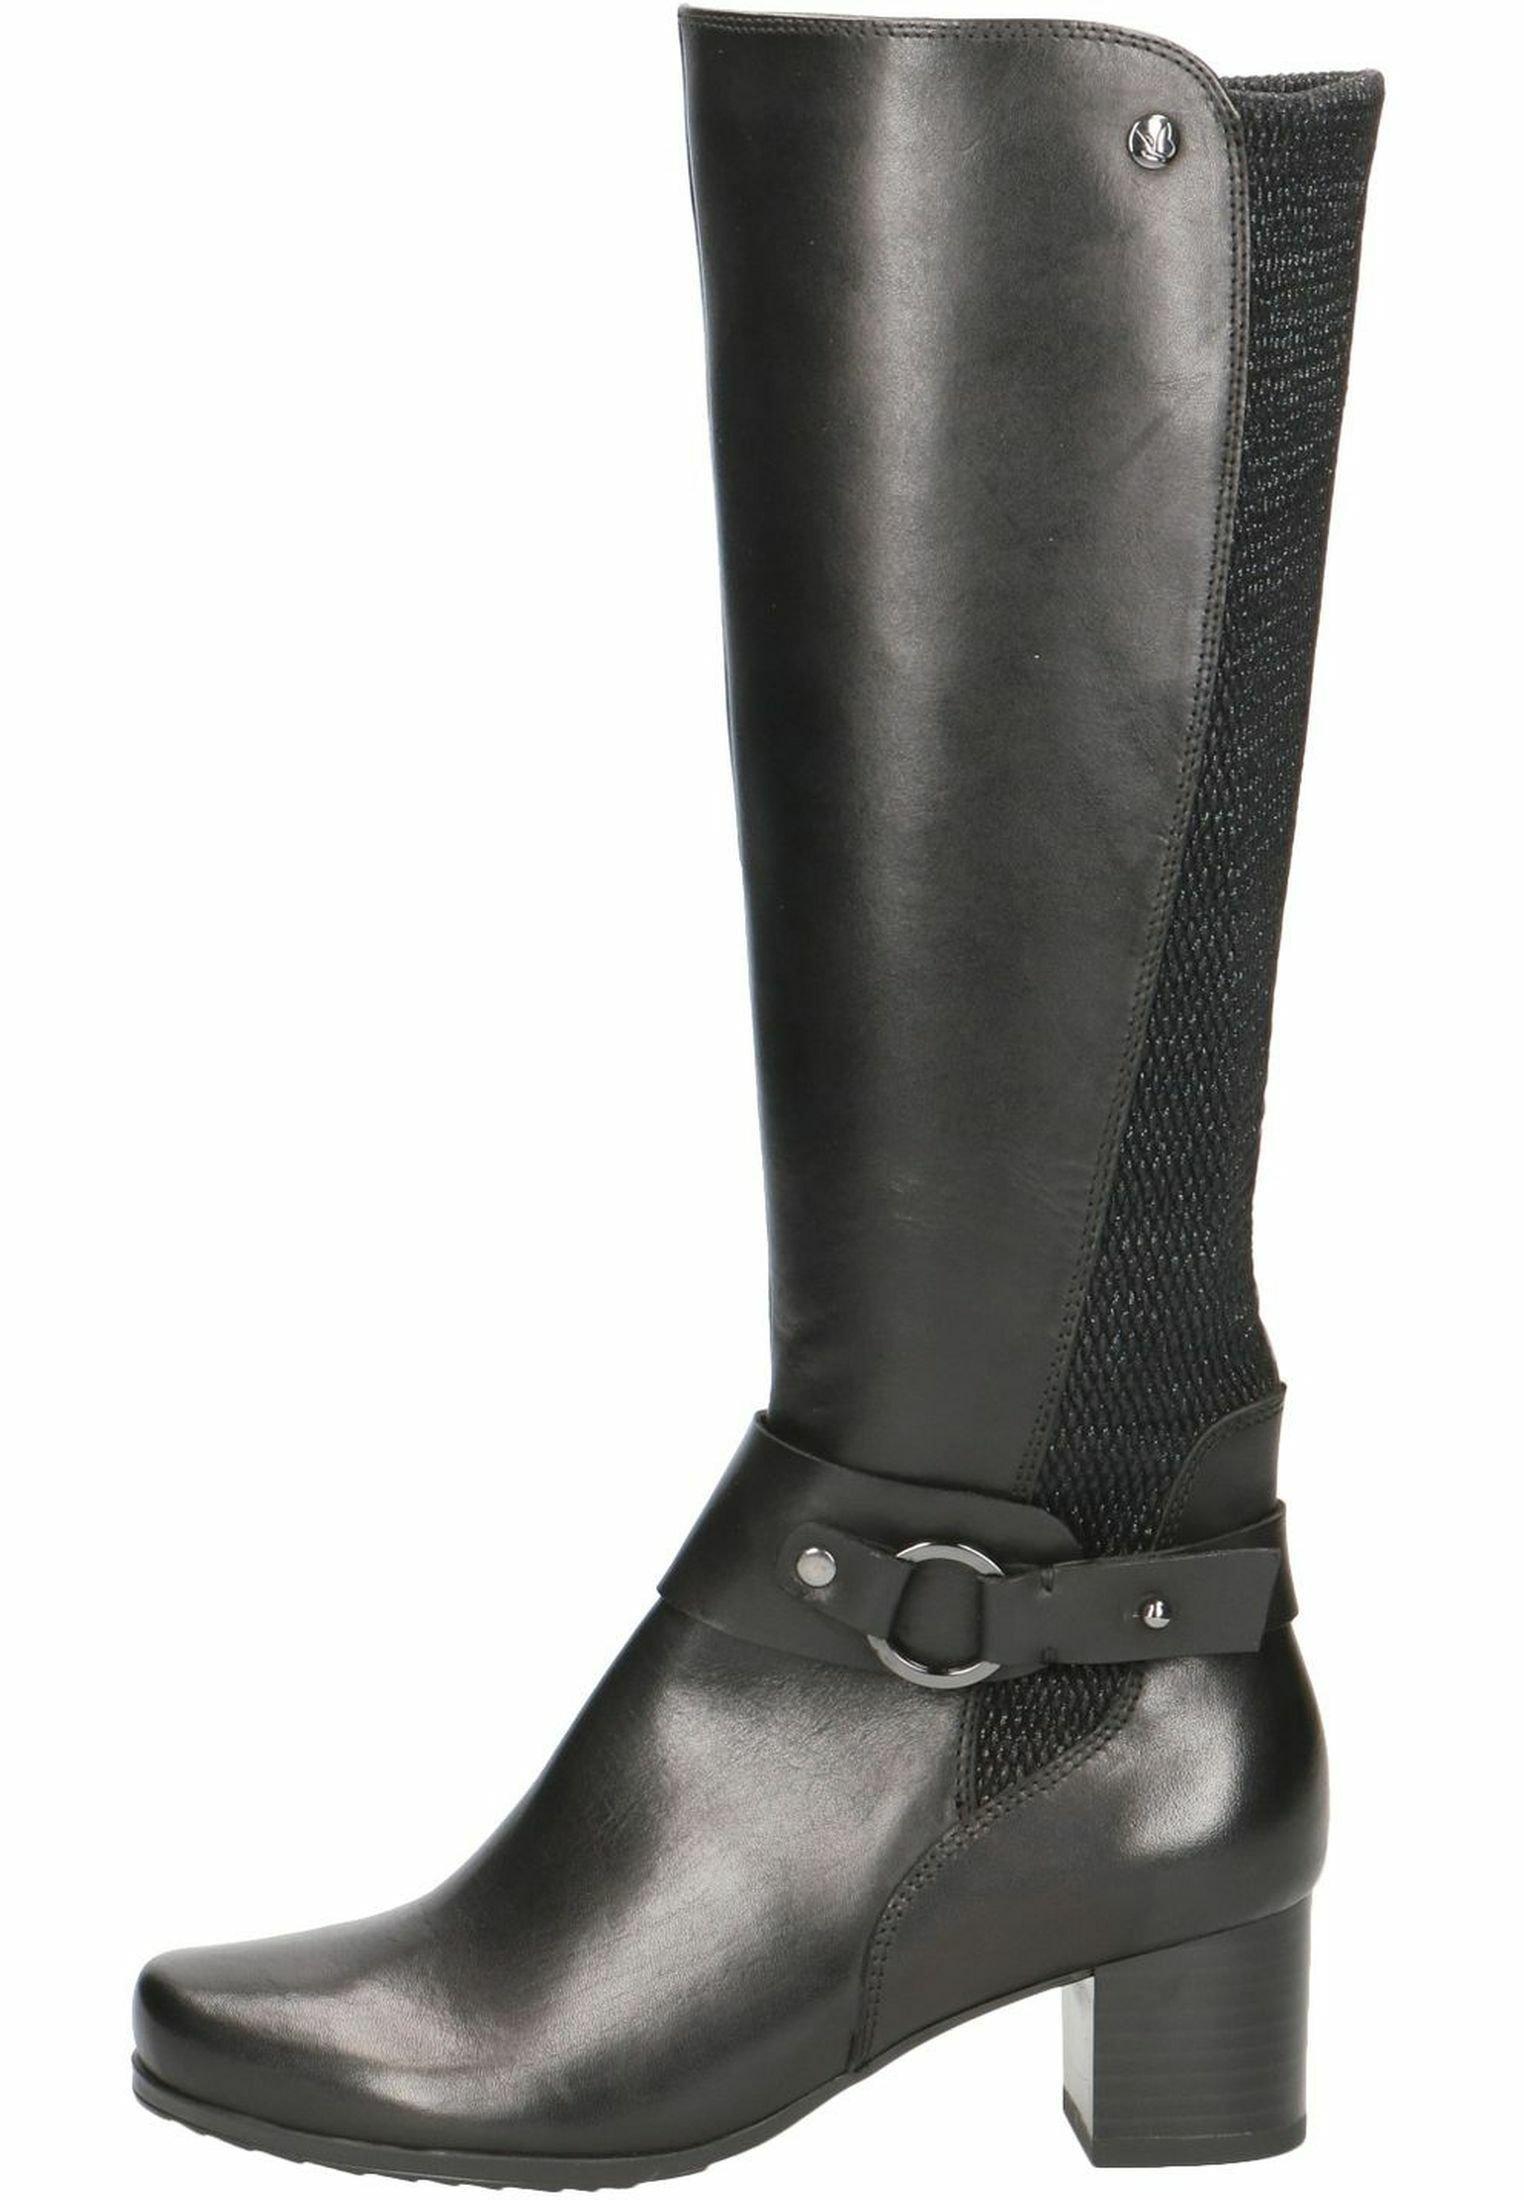 Caprice laarzen kopen? | BESLIST.nl | Caprice Boots